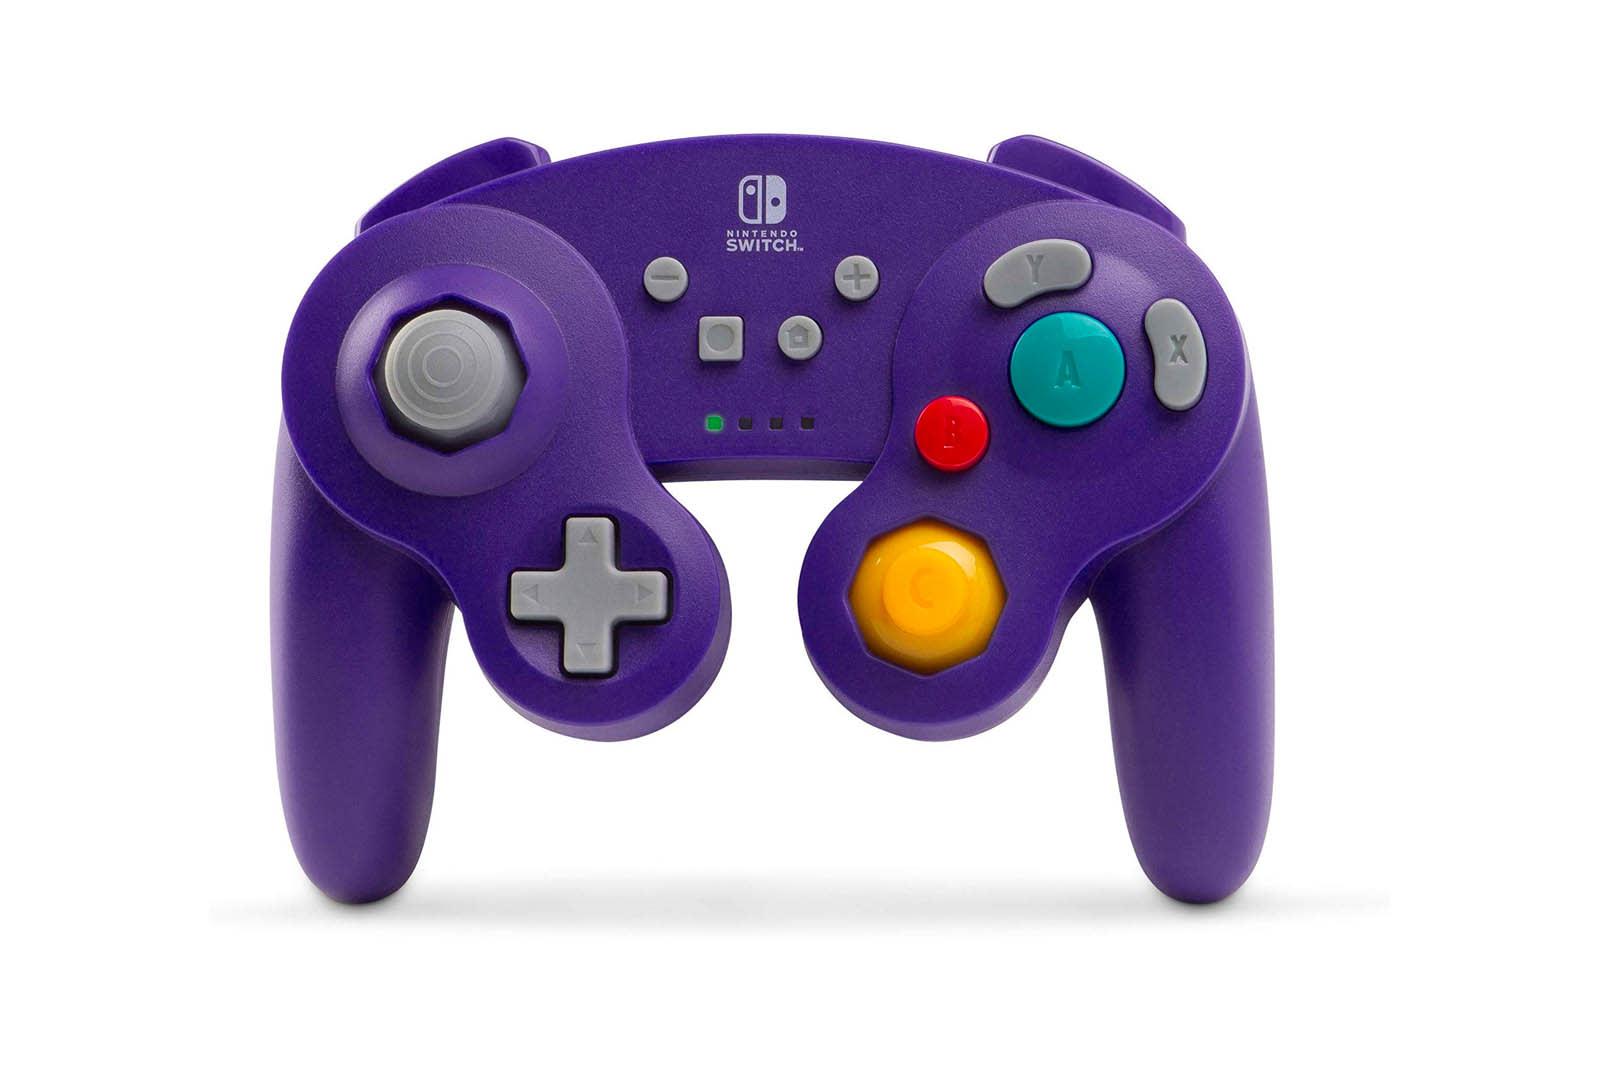 Nintendo Switch Gadget deals